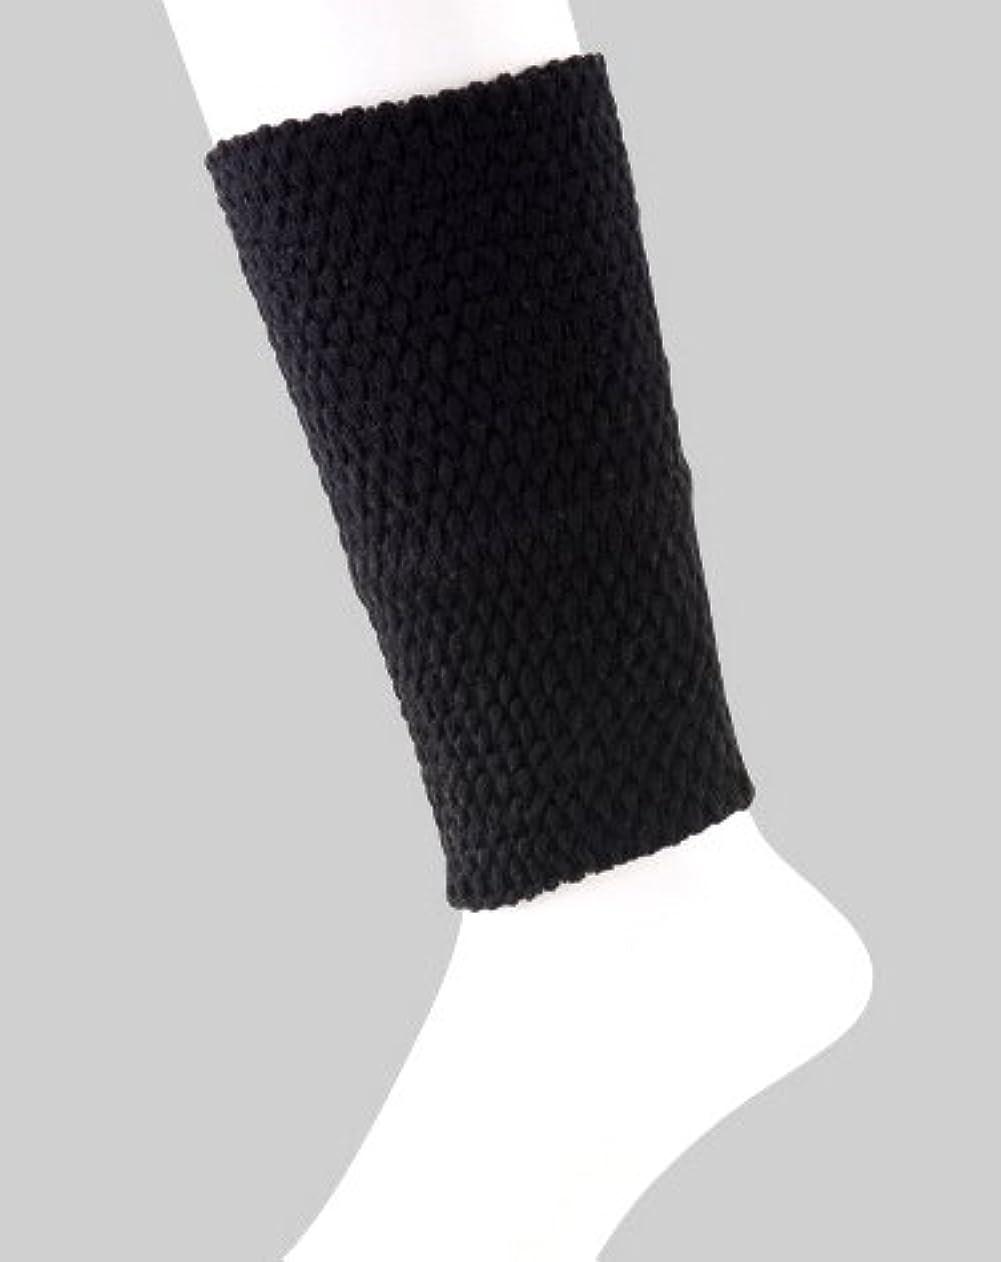 松の木ロバ累積日本製 足首ウォーマー 表綿100% 二重構造で暖かい 春夏 冷房対策 20cm丈 (ブラック)